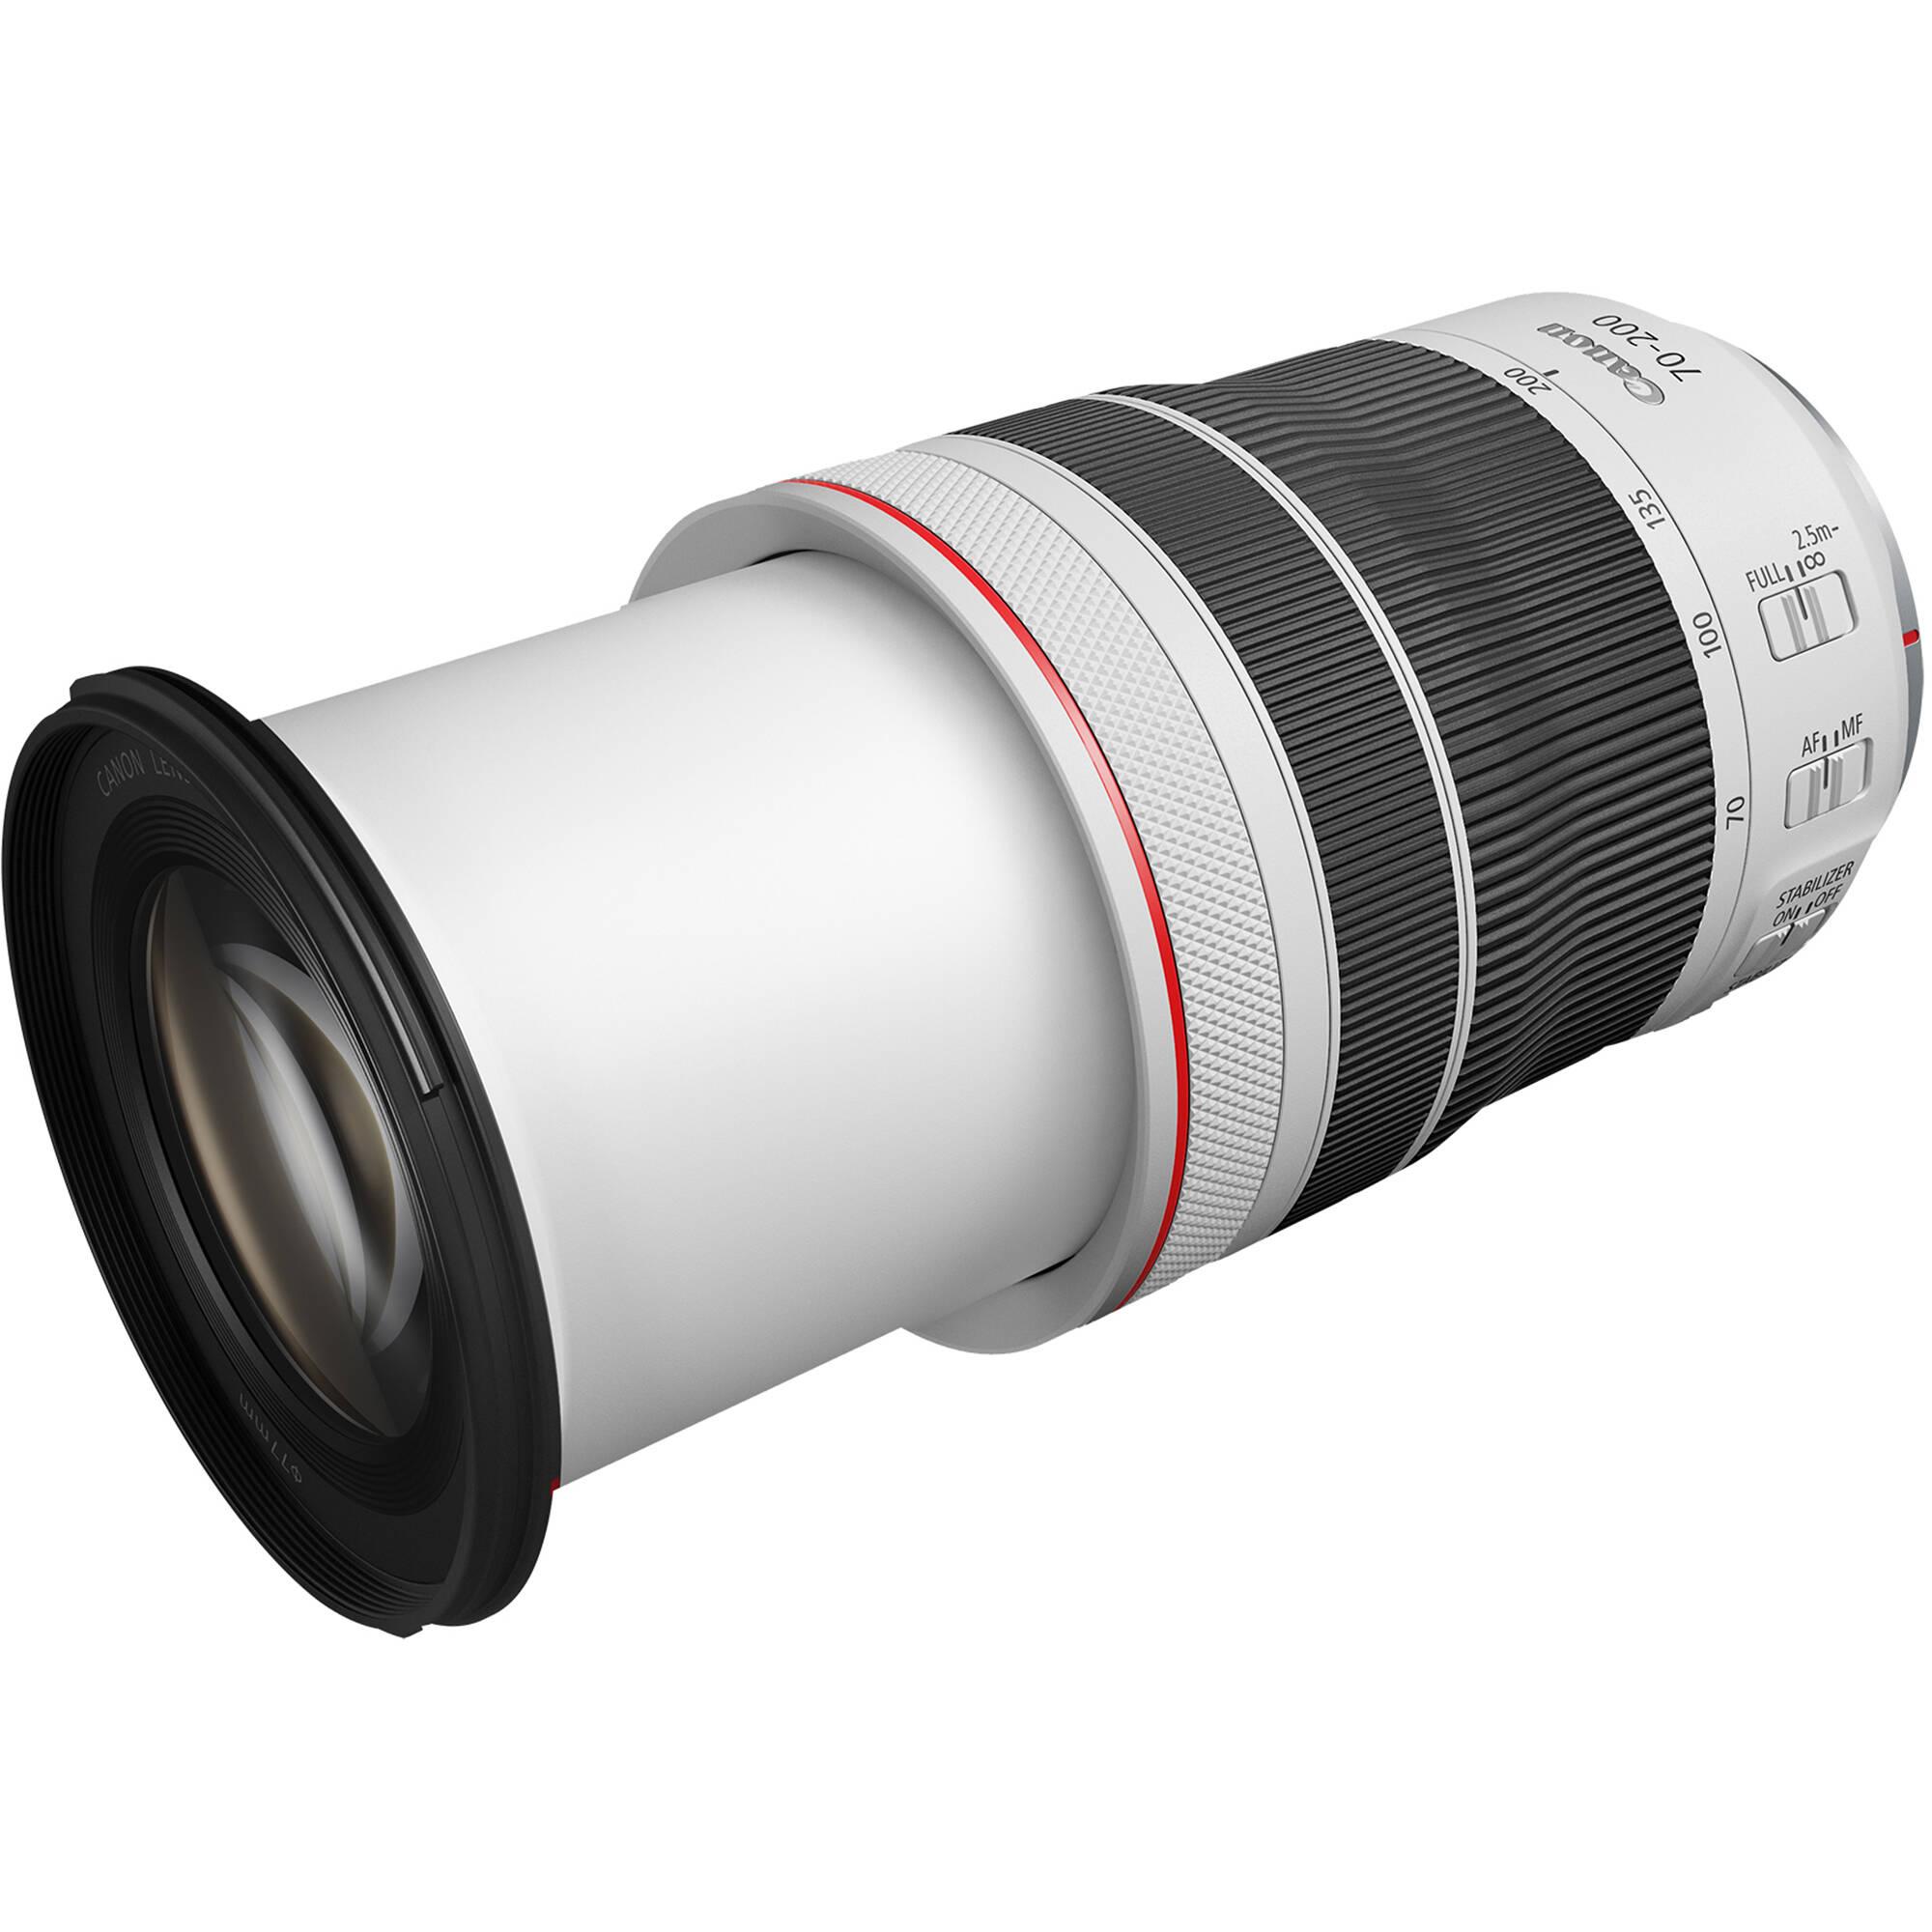 rf 70-200mm f4 lens fully extended